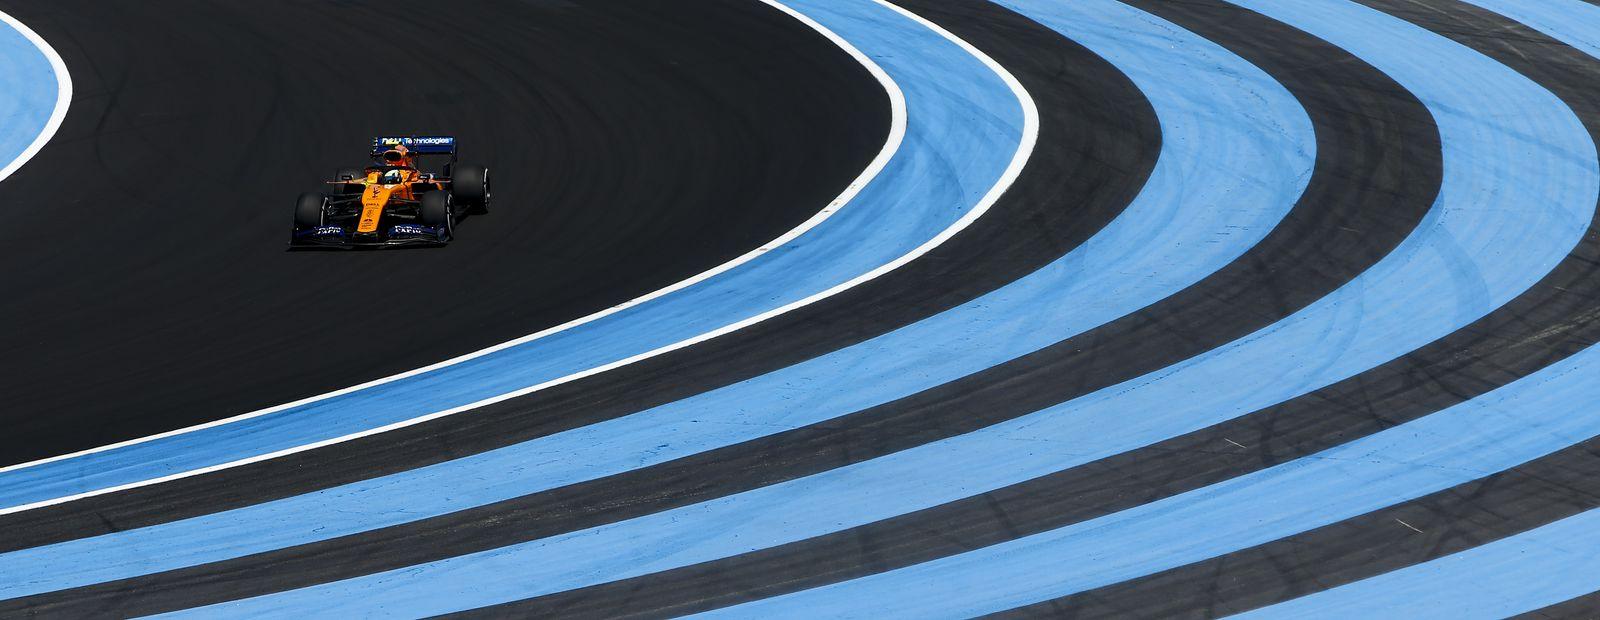 Semua yang perlu Anda ketahui tentang Grand Prix Prancis